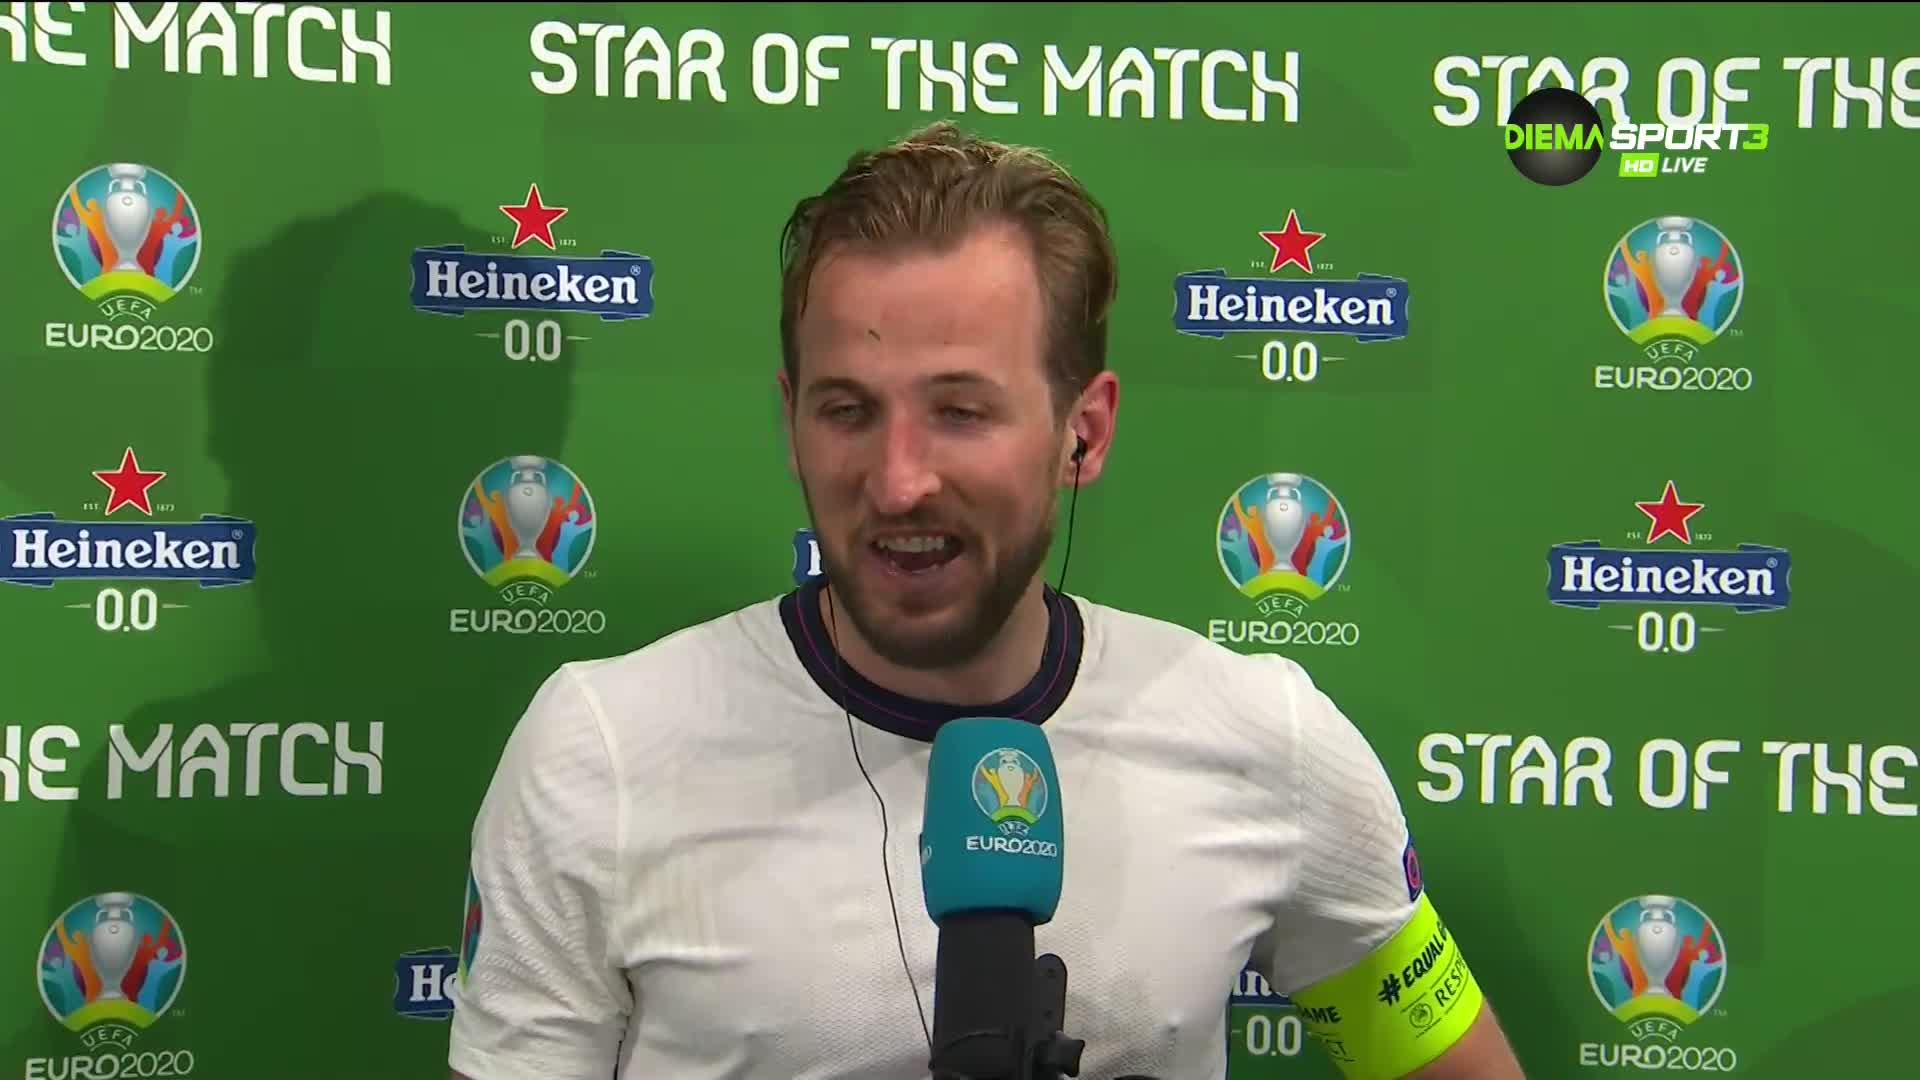 Капитанът-герой Кейн: Усещането е невероятно, очакваме много труден мач срещу Италия